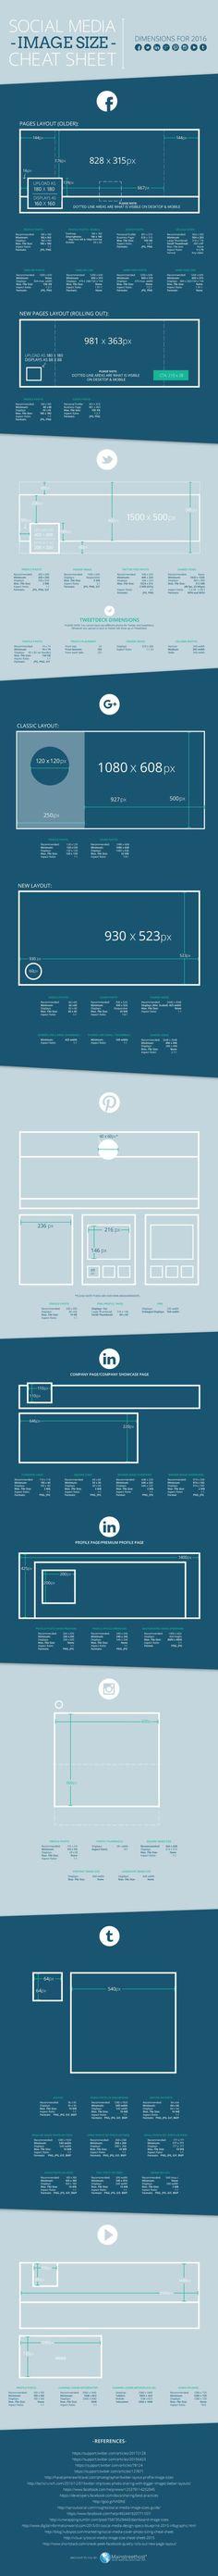 Stand 02/2016: Alle Größen auf einen Blick. Social Media Bildgrößen 2016 [Infografik] - Futurebiz.de